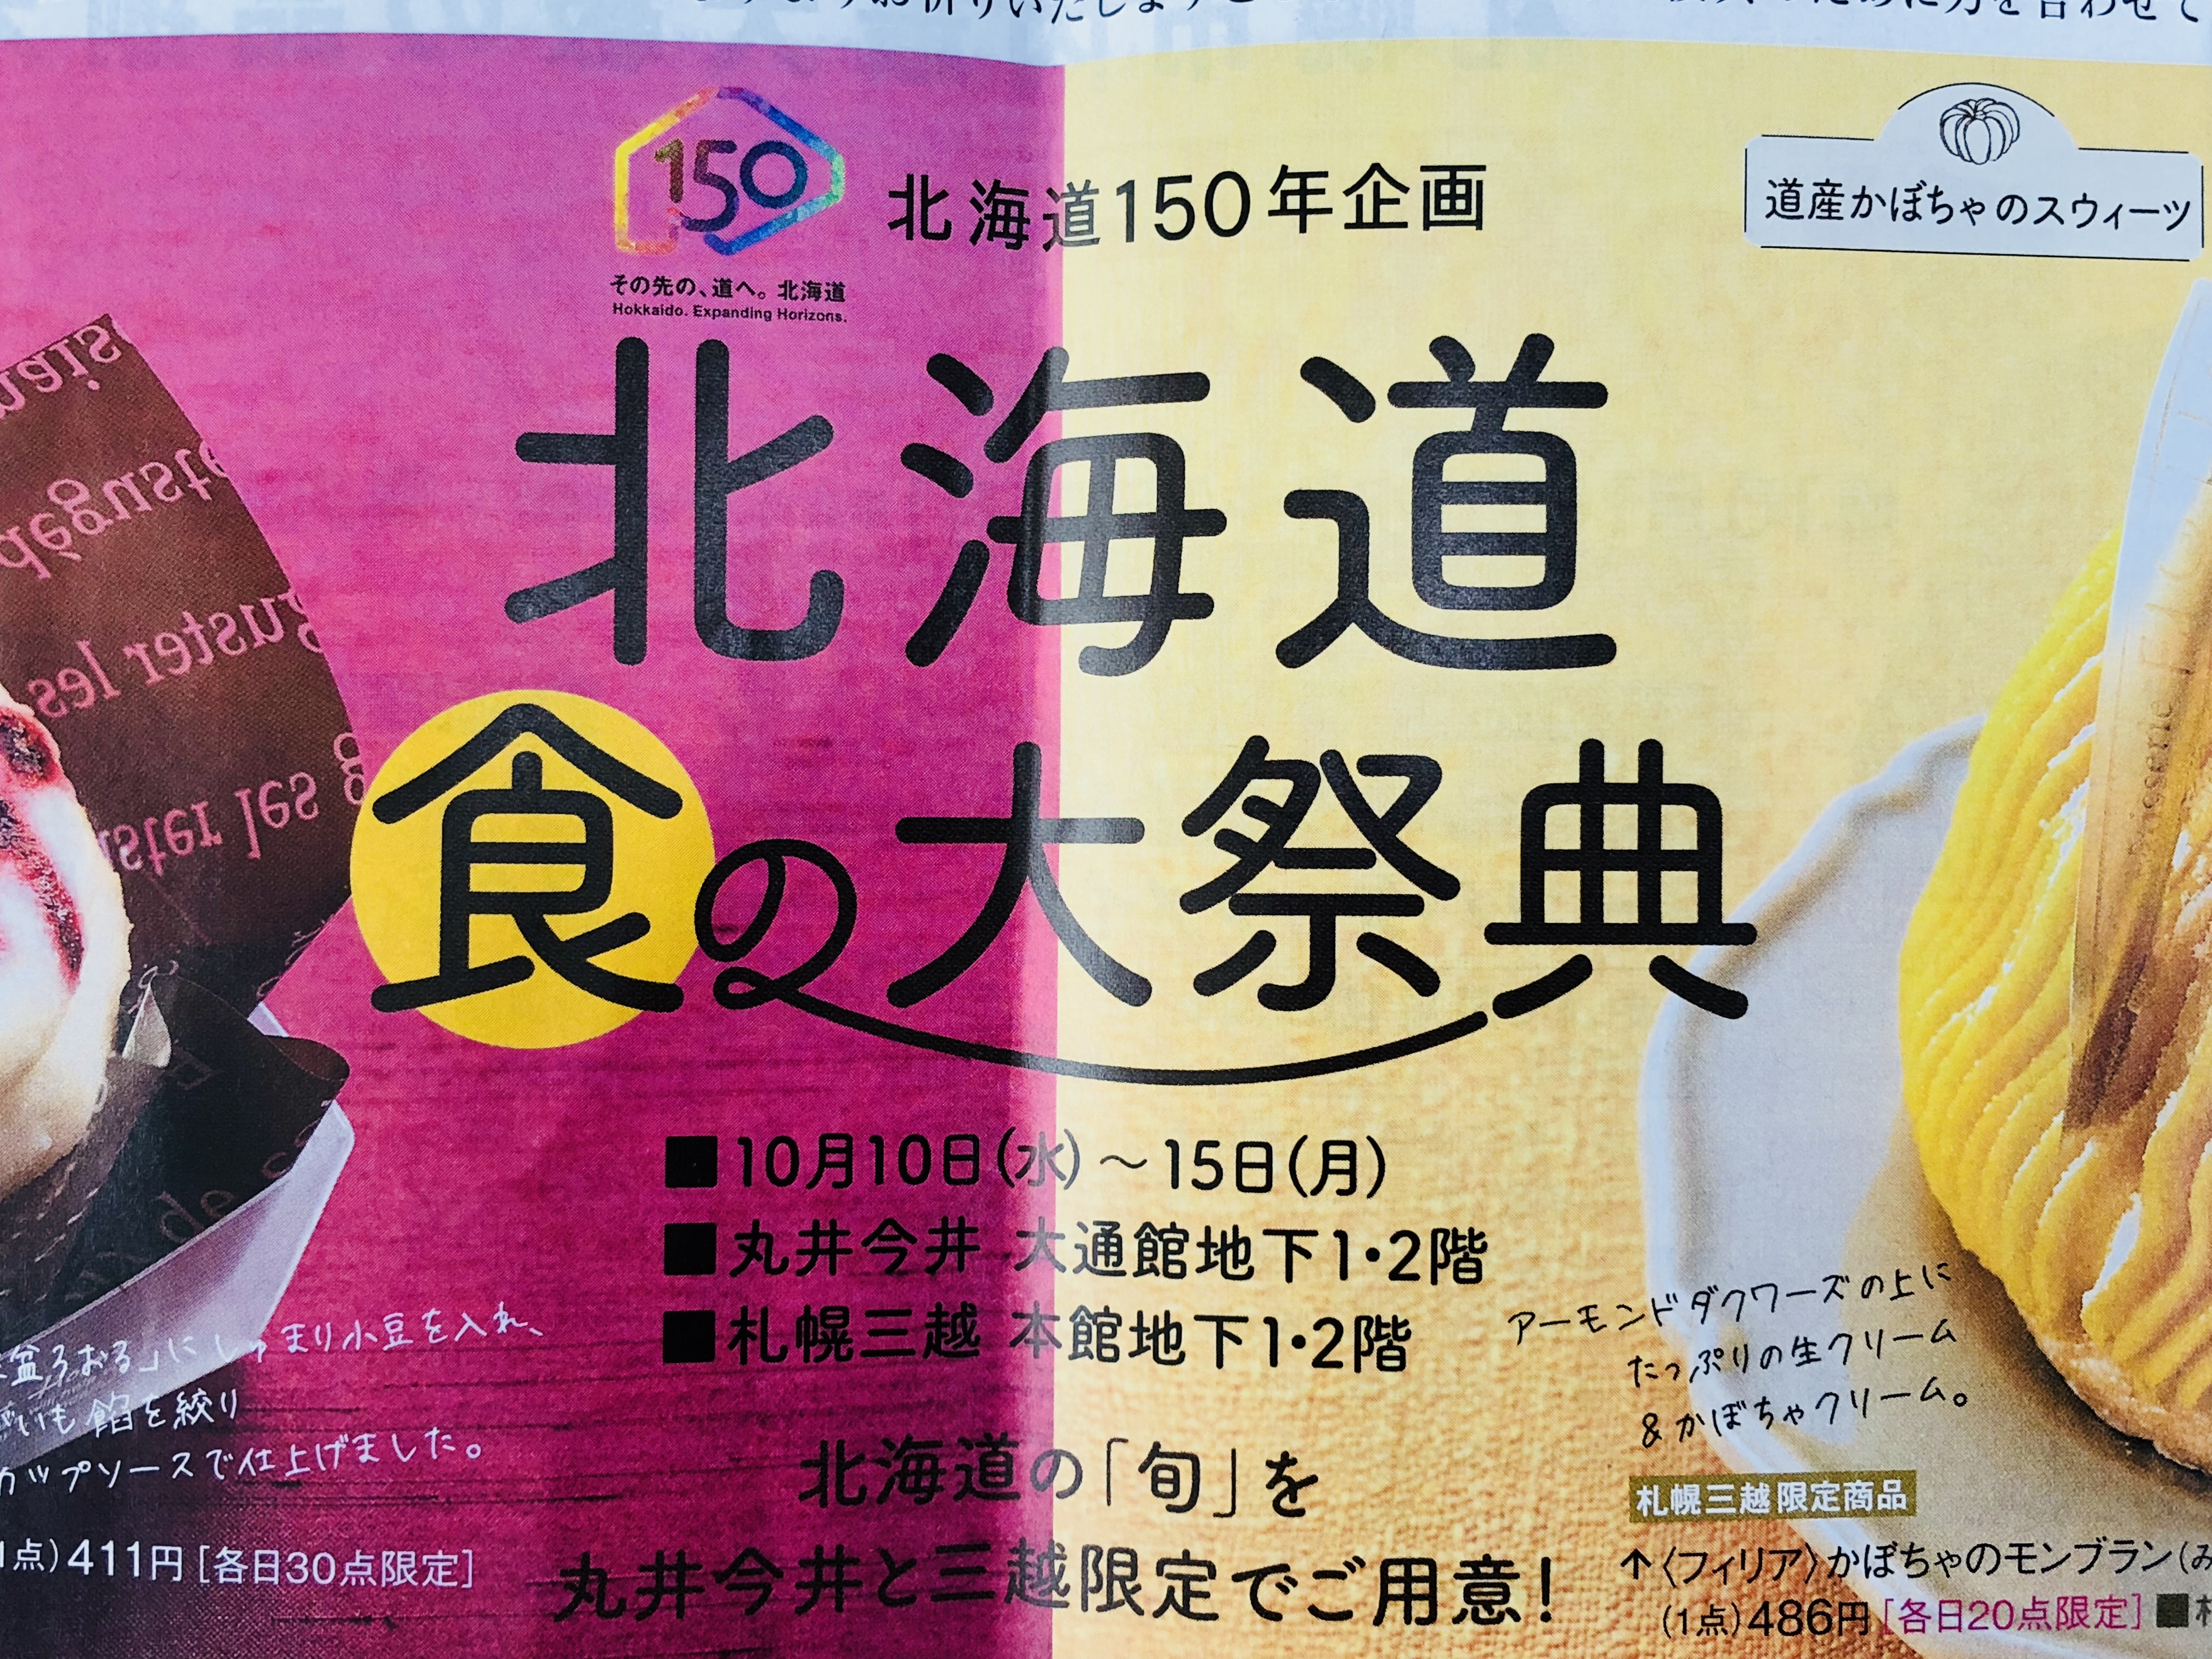 北海道 食の大祭典